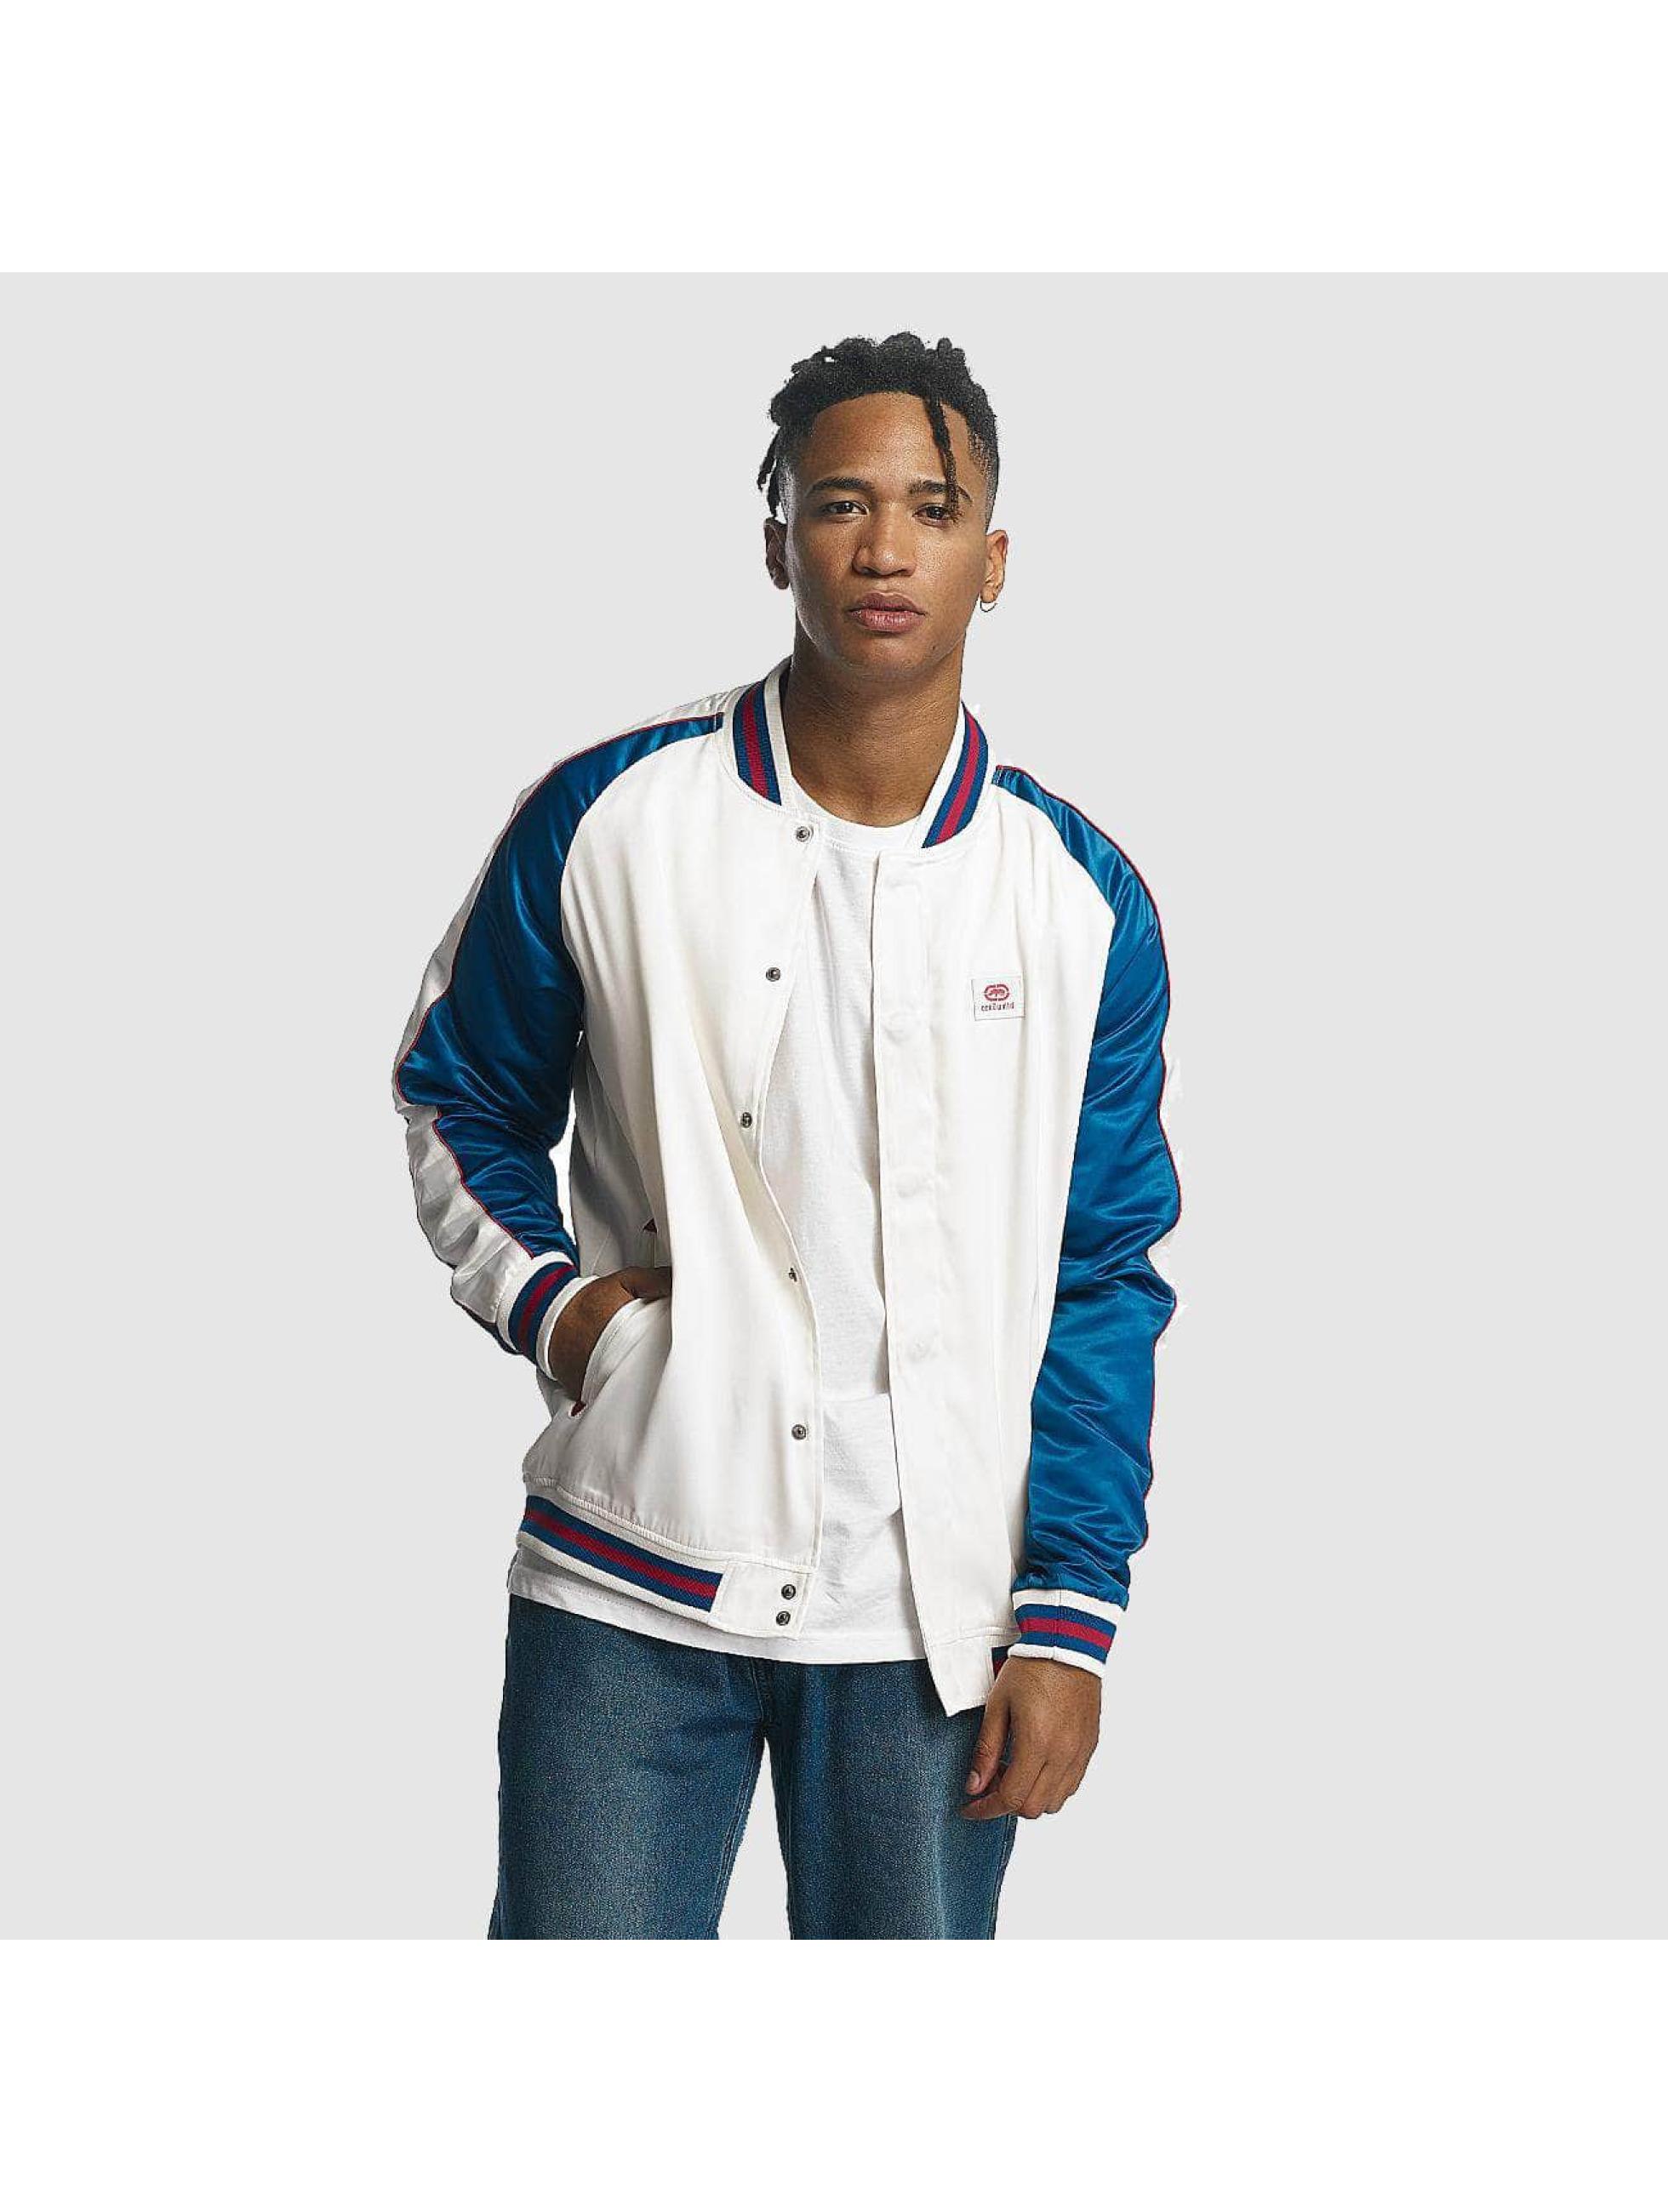 Ecko Unltd. / College Jacket College Jacket in white XL